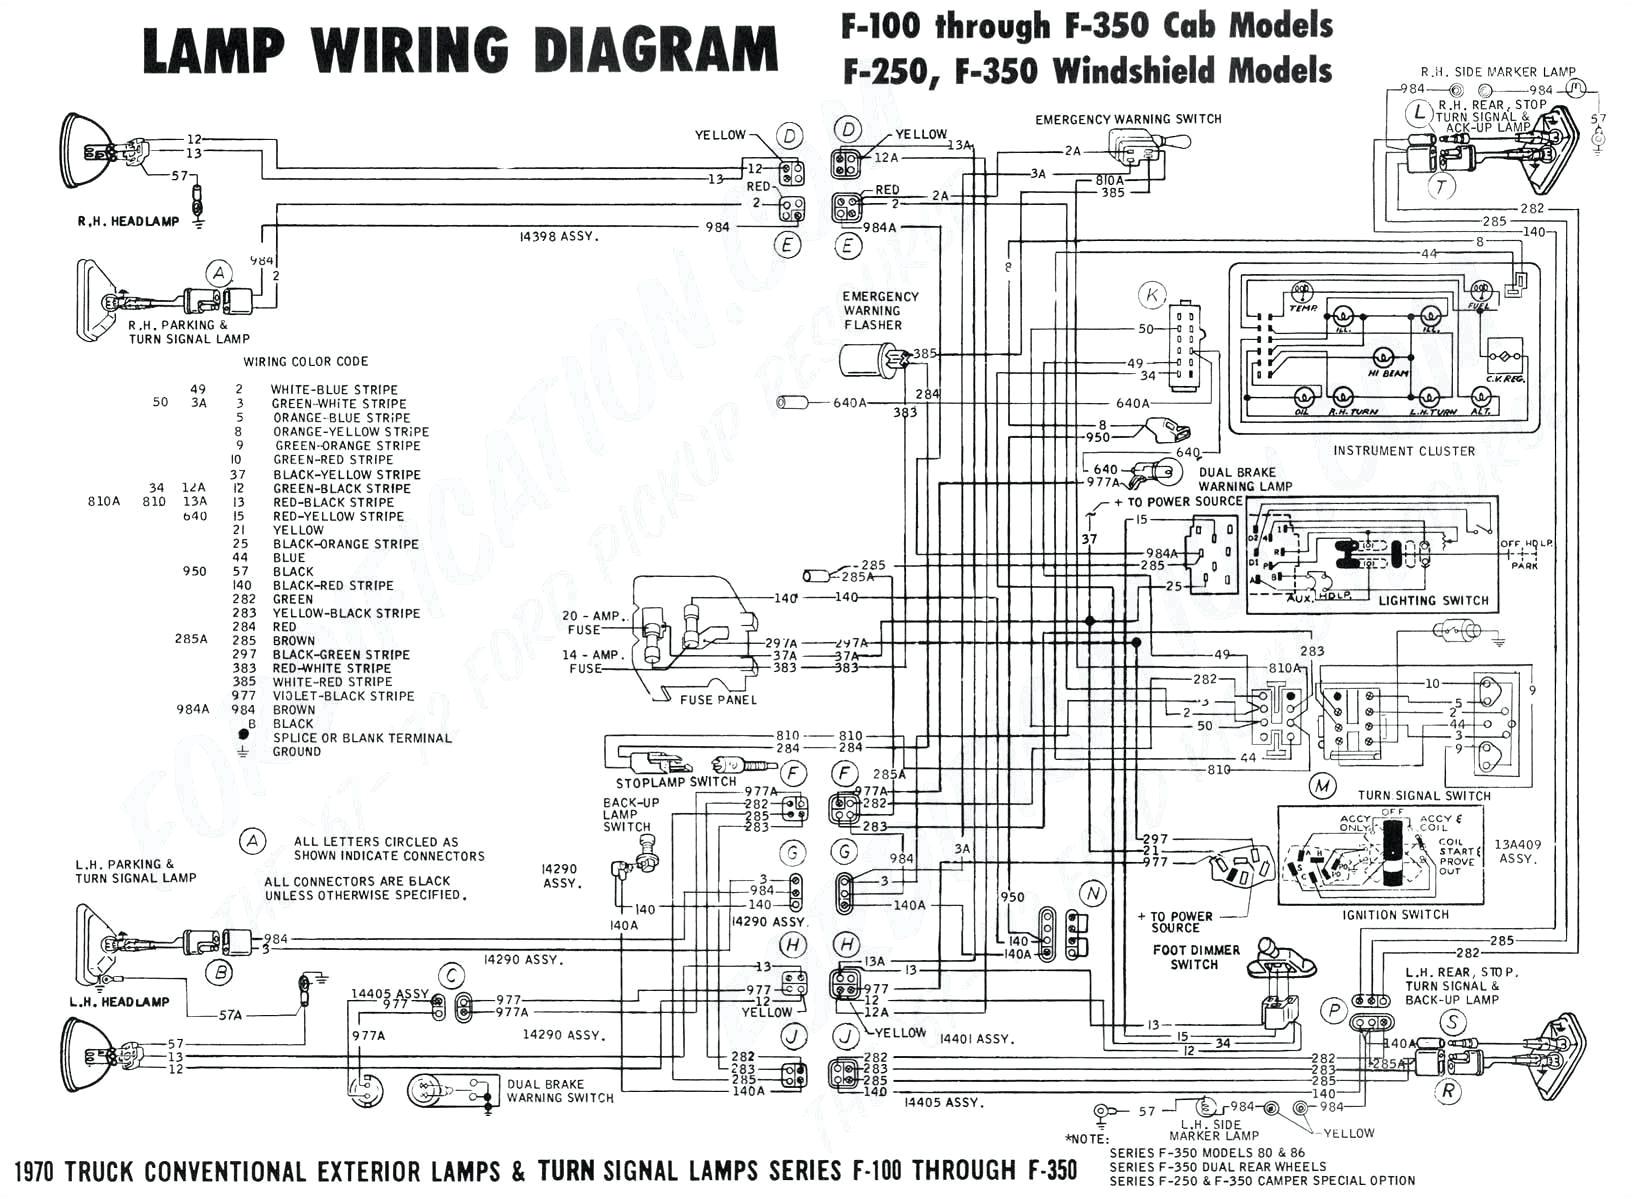 2007 dodge 2500 wiring diagram wiring diagram databasedodge ram trailer wiring diagram download